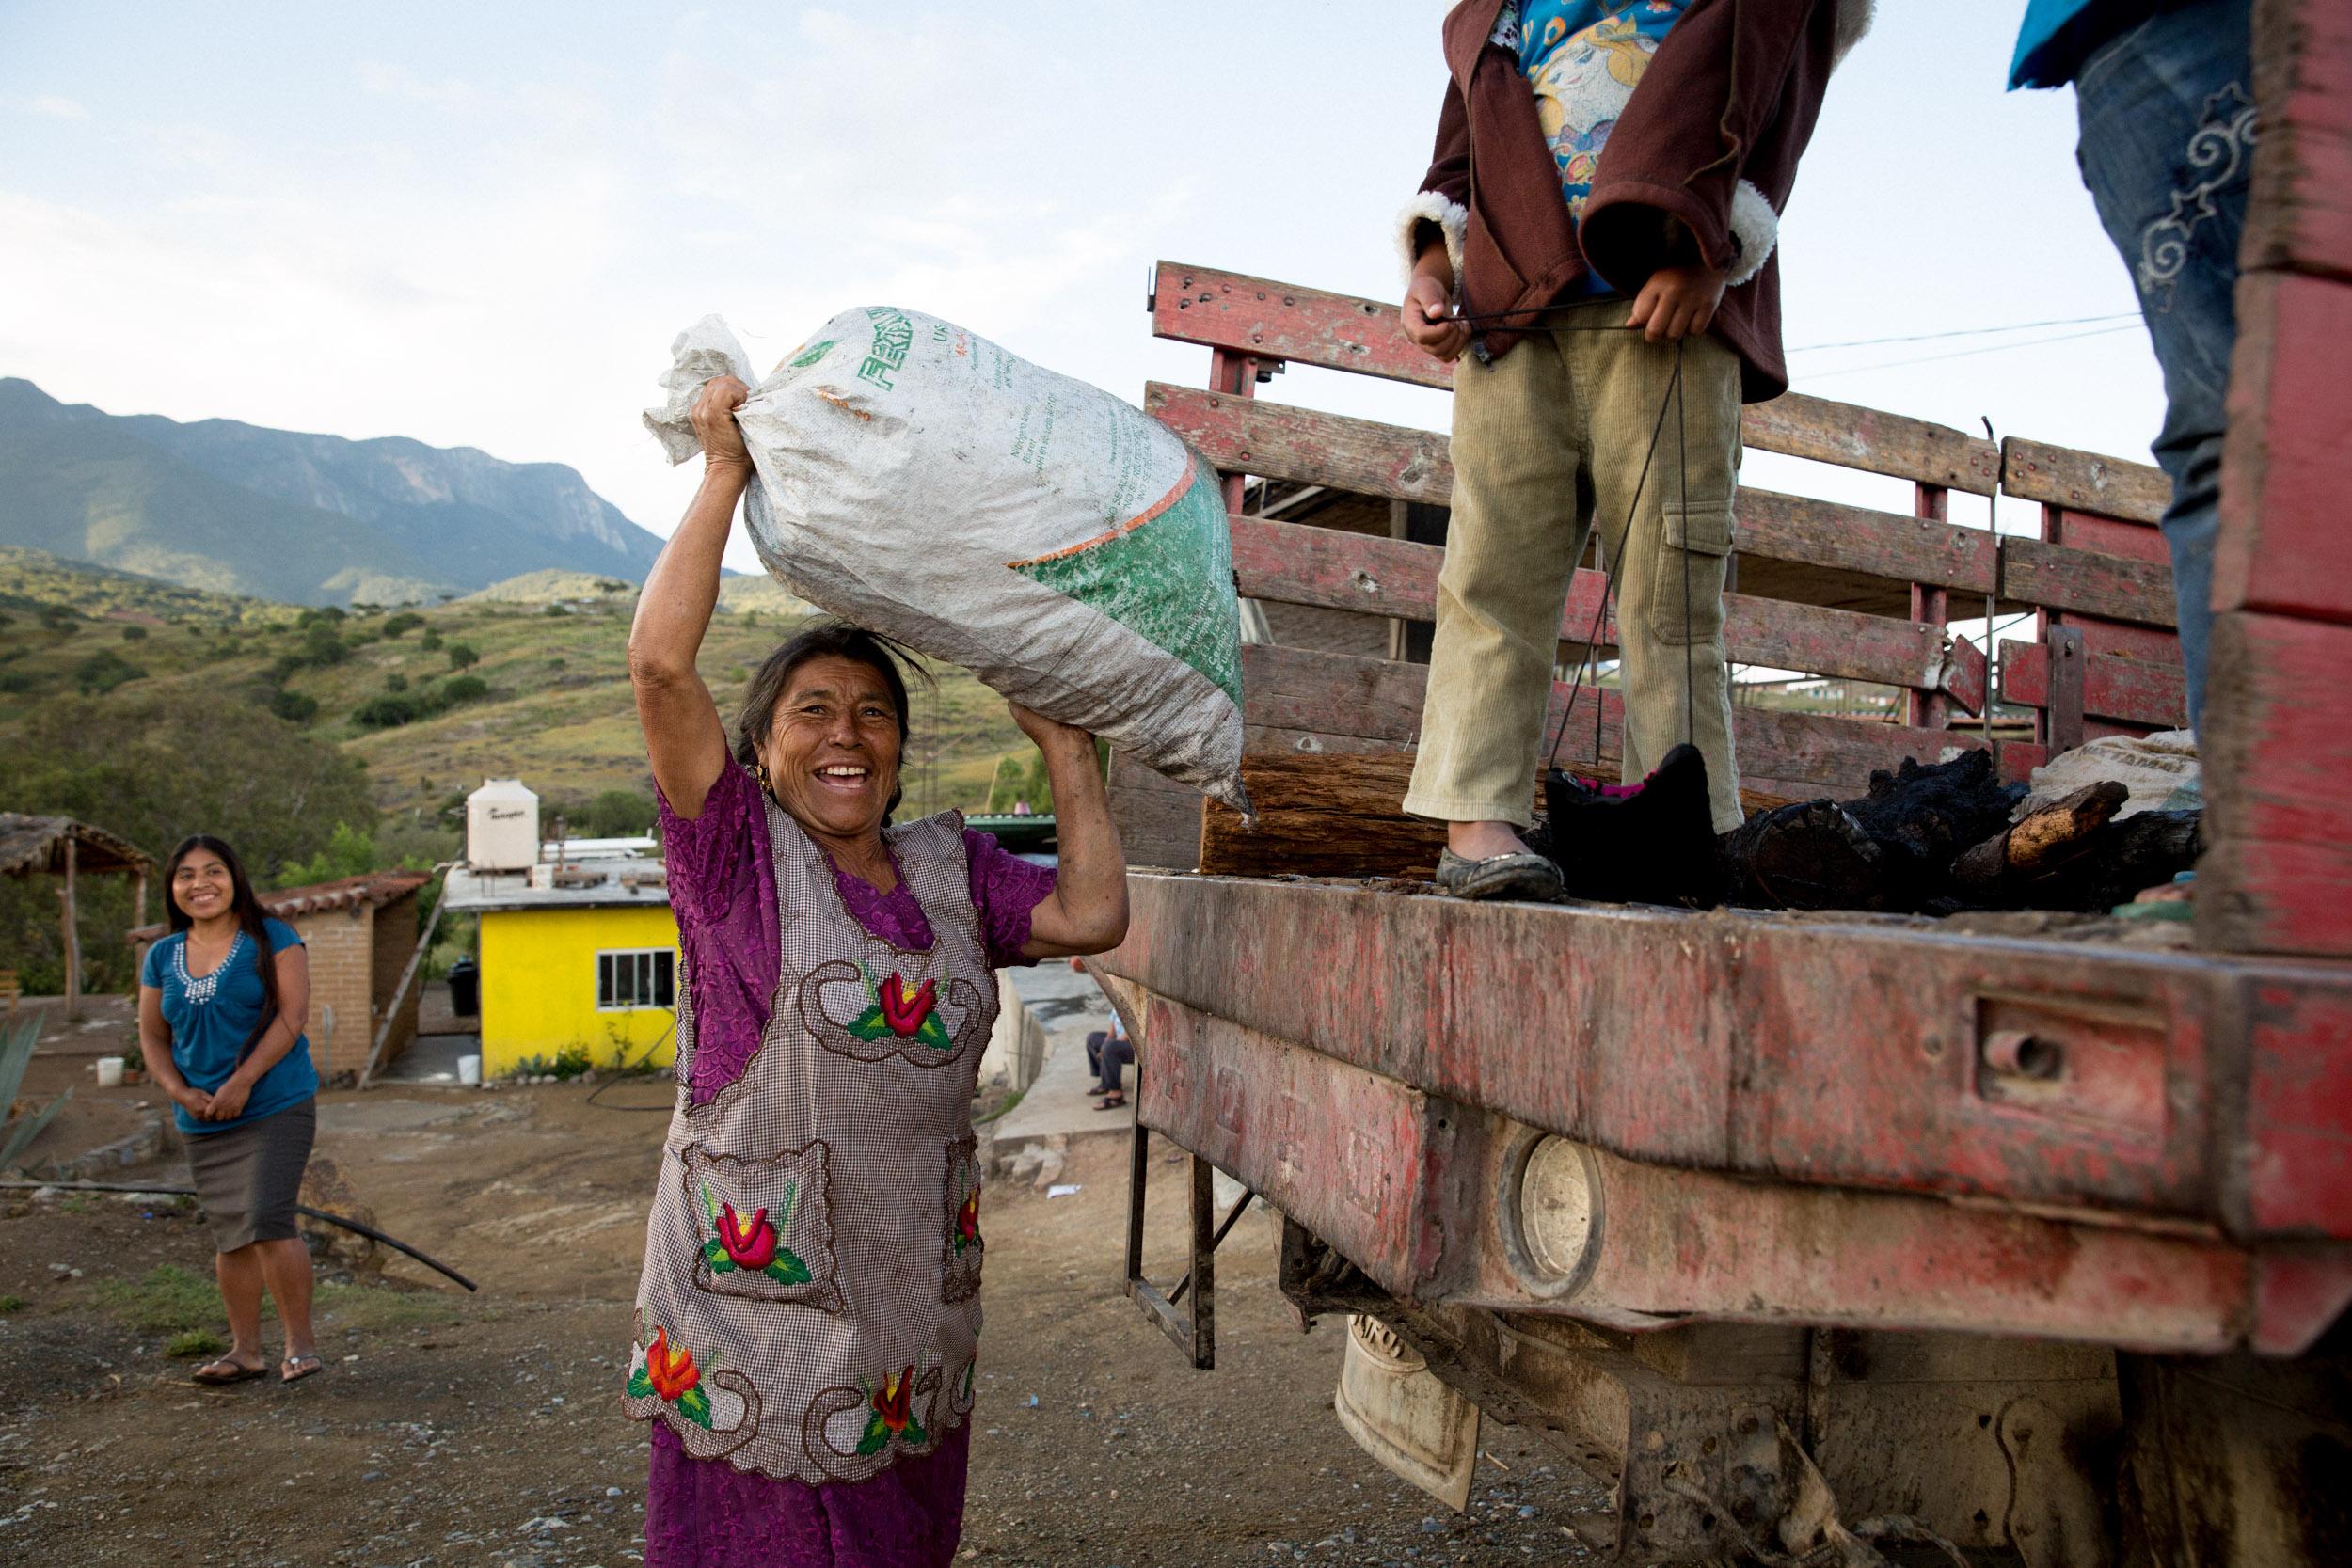 Doña Christina Hernández, San Baltazar, Mexico